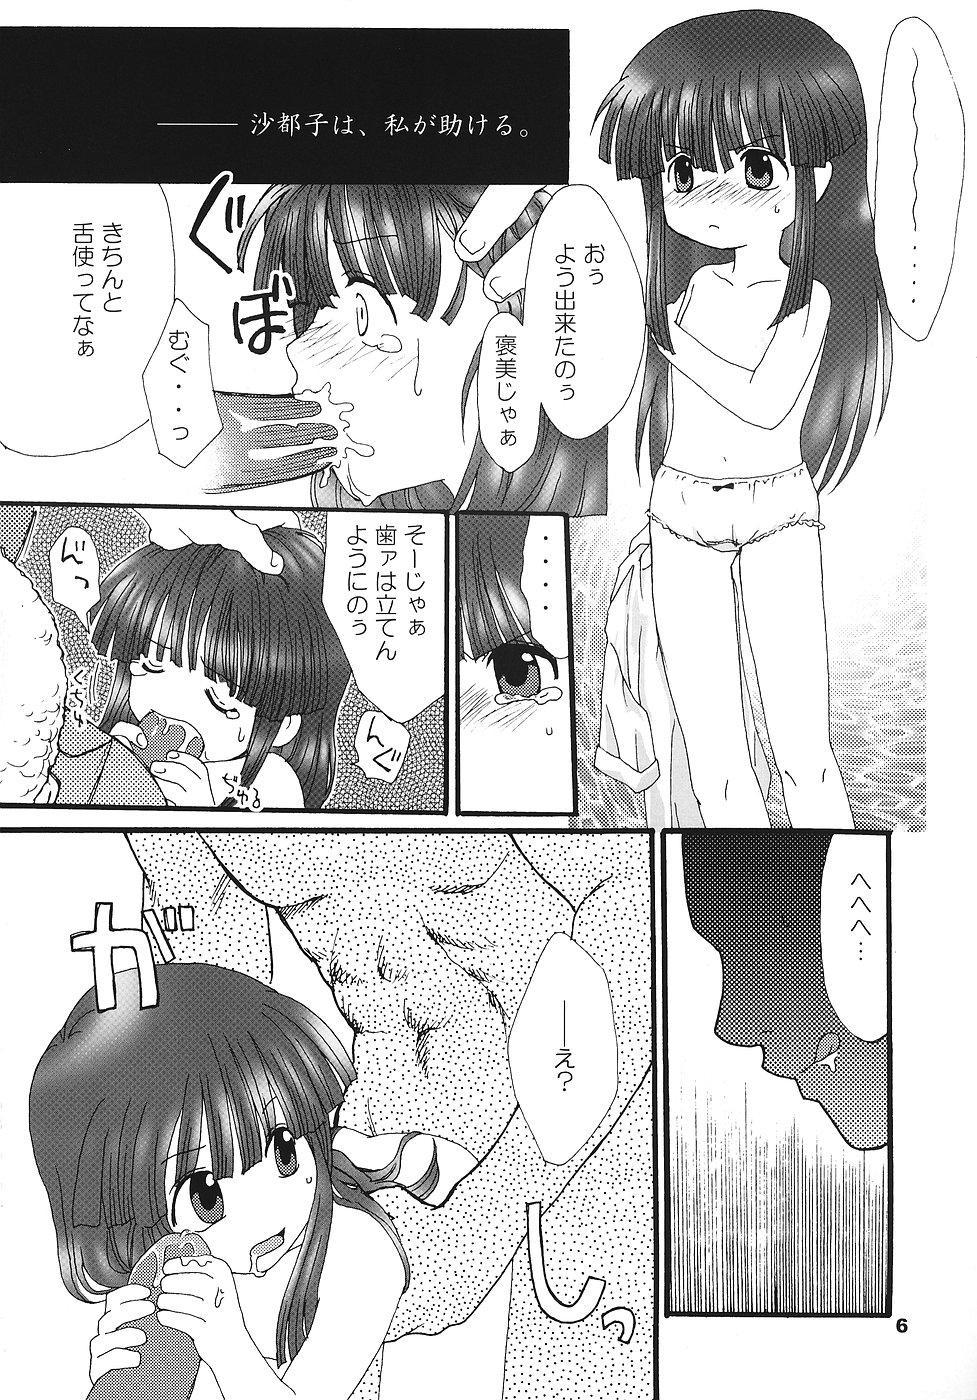 Higurashi no Koe, Ima wa Tae 4